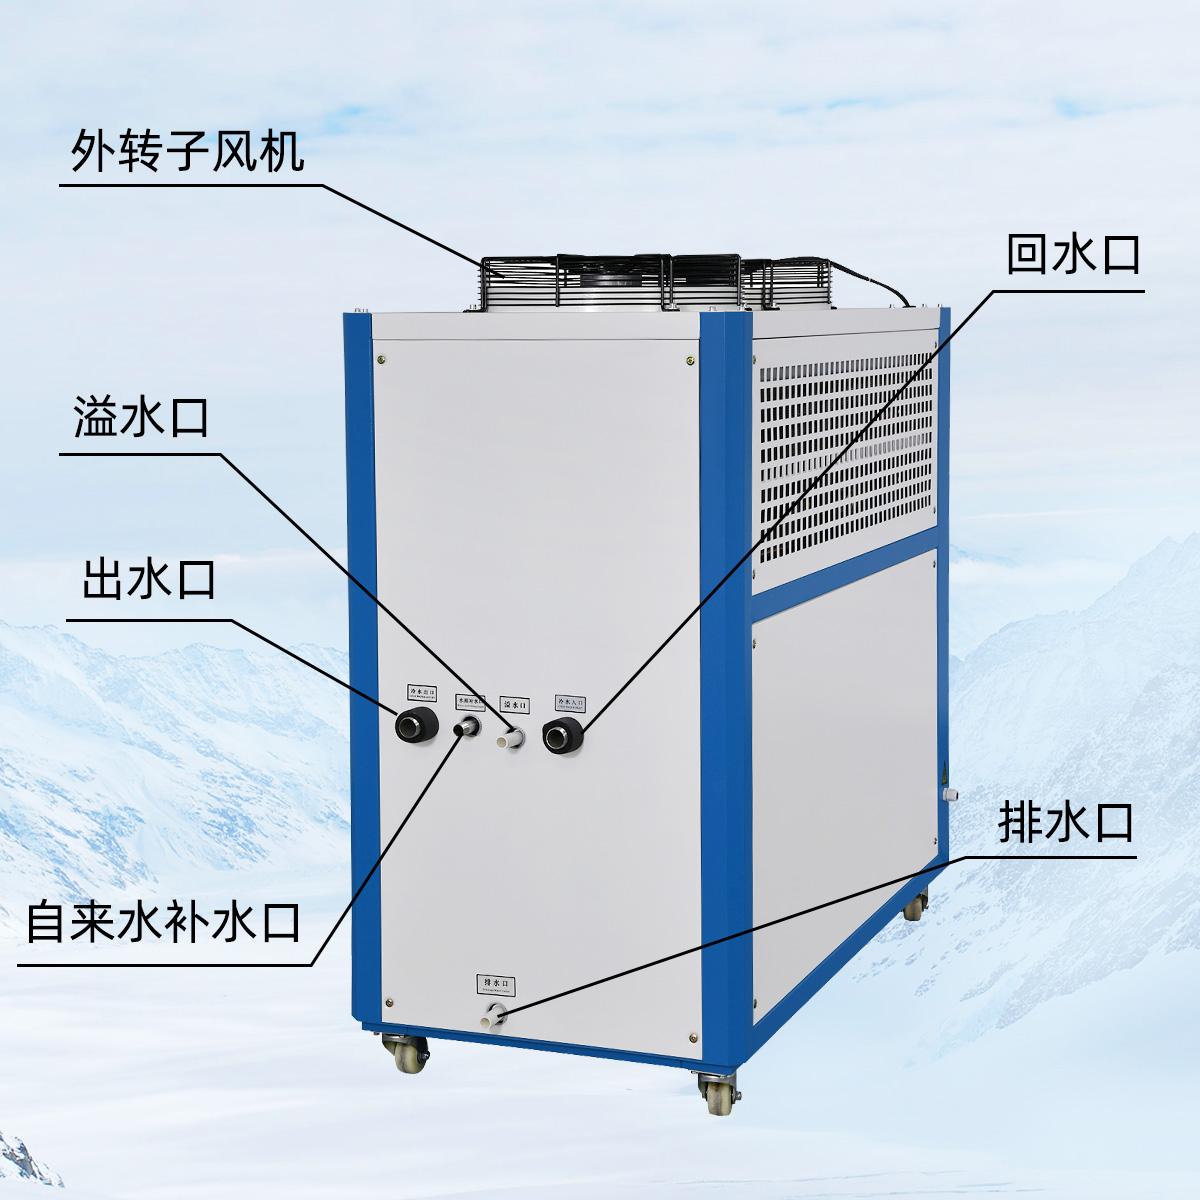 供应安徽电泳漆专用冷水机,注塑机专用冷水机,曝光机专用冷水机